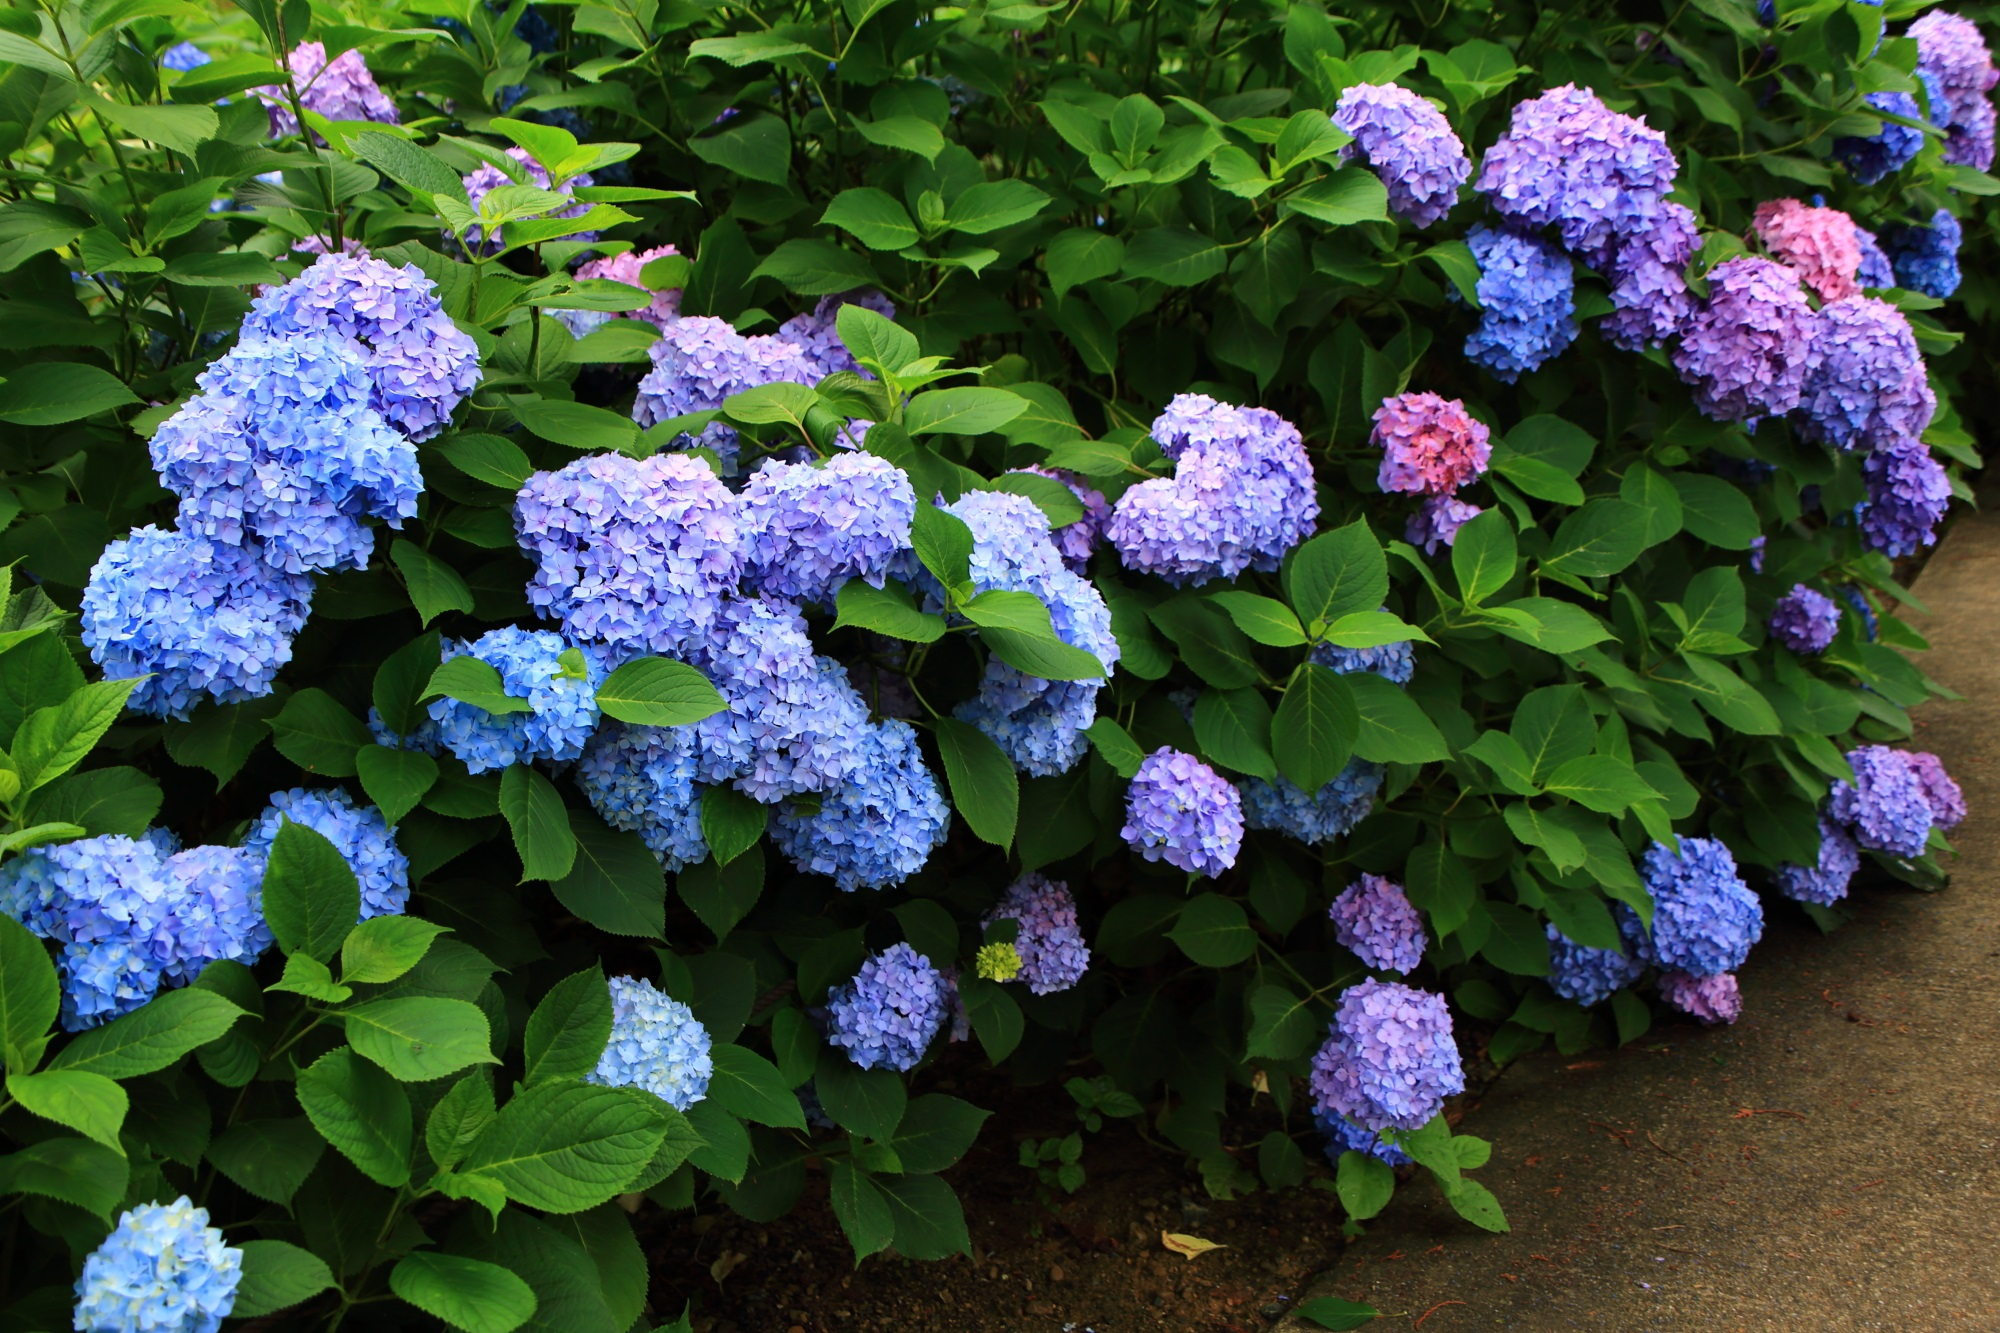 三室戸寺のあじさい園中央の休憩所付近の紫陽花